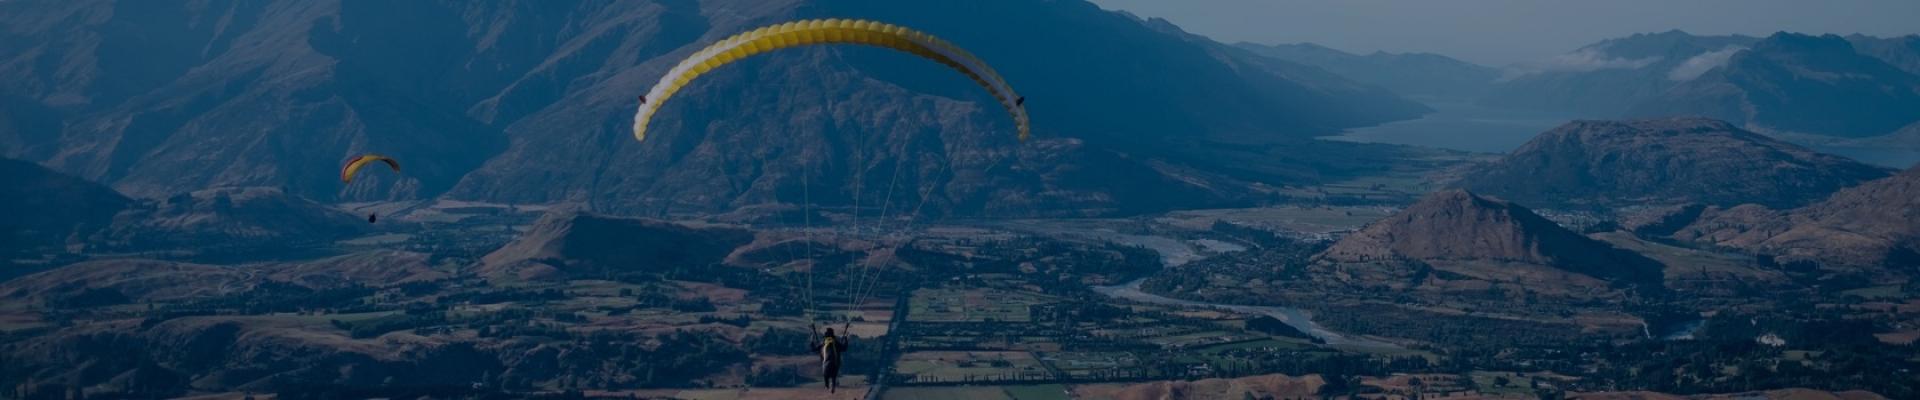 Paragliding in Maharashtra, India